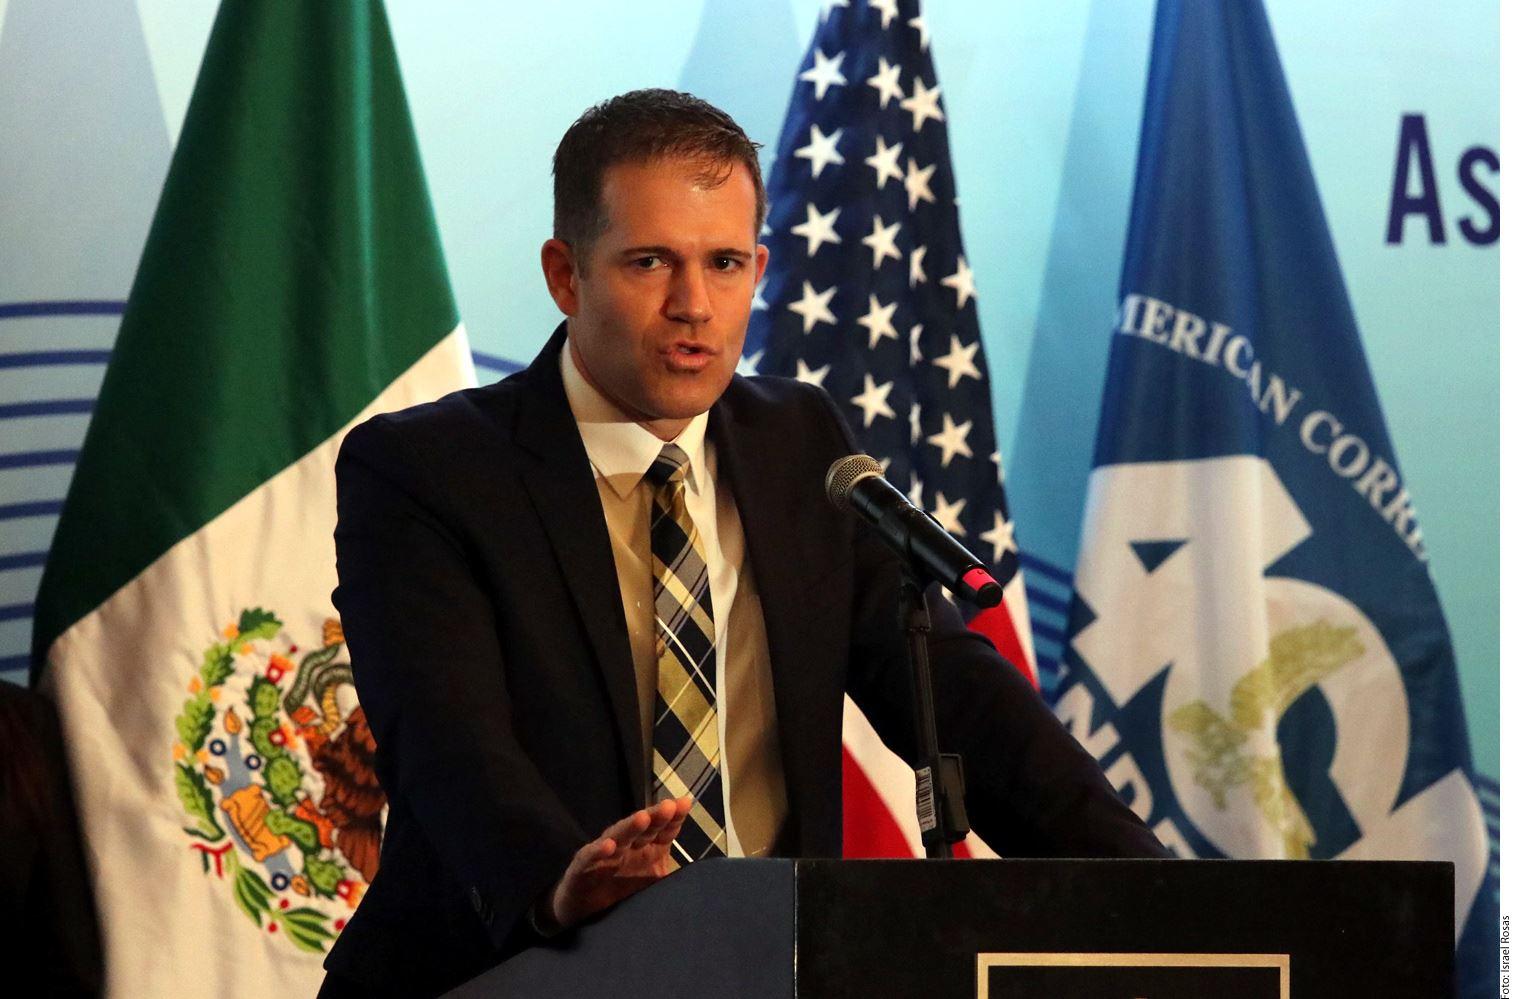 A México le urge voluntad política para acelerar el proceso de certificación internacional para sus prisiones, manifestó Richard Glenn, subsecretario adjunto del Buró de Asuntos Antinarcóticos y Aplicación de la Ley del Departamento de Estado de EU.